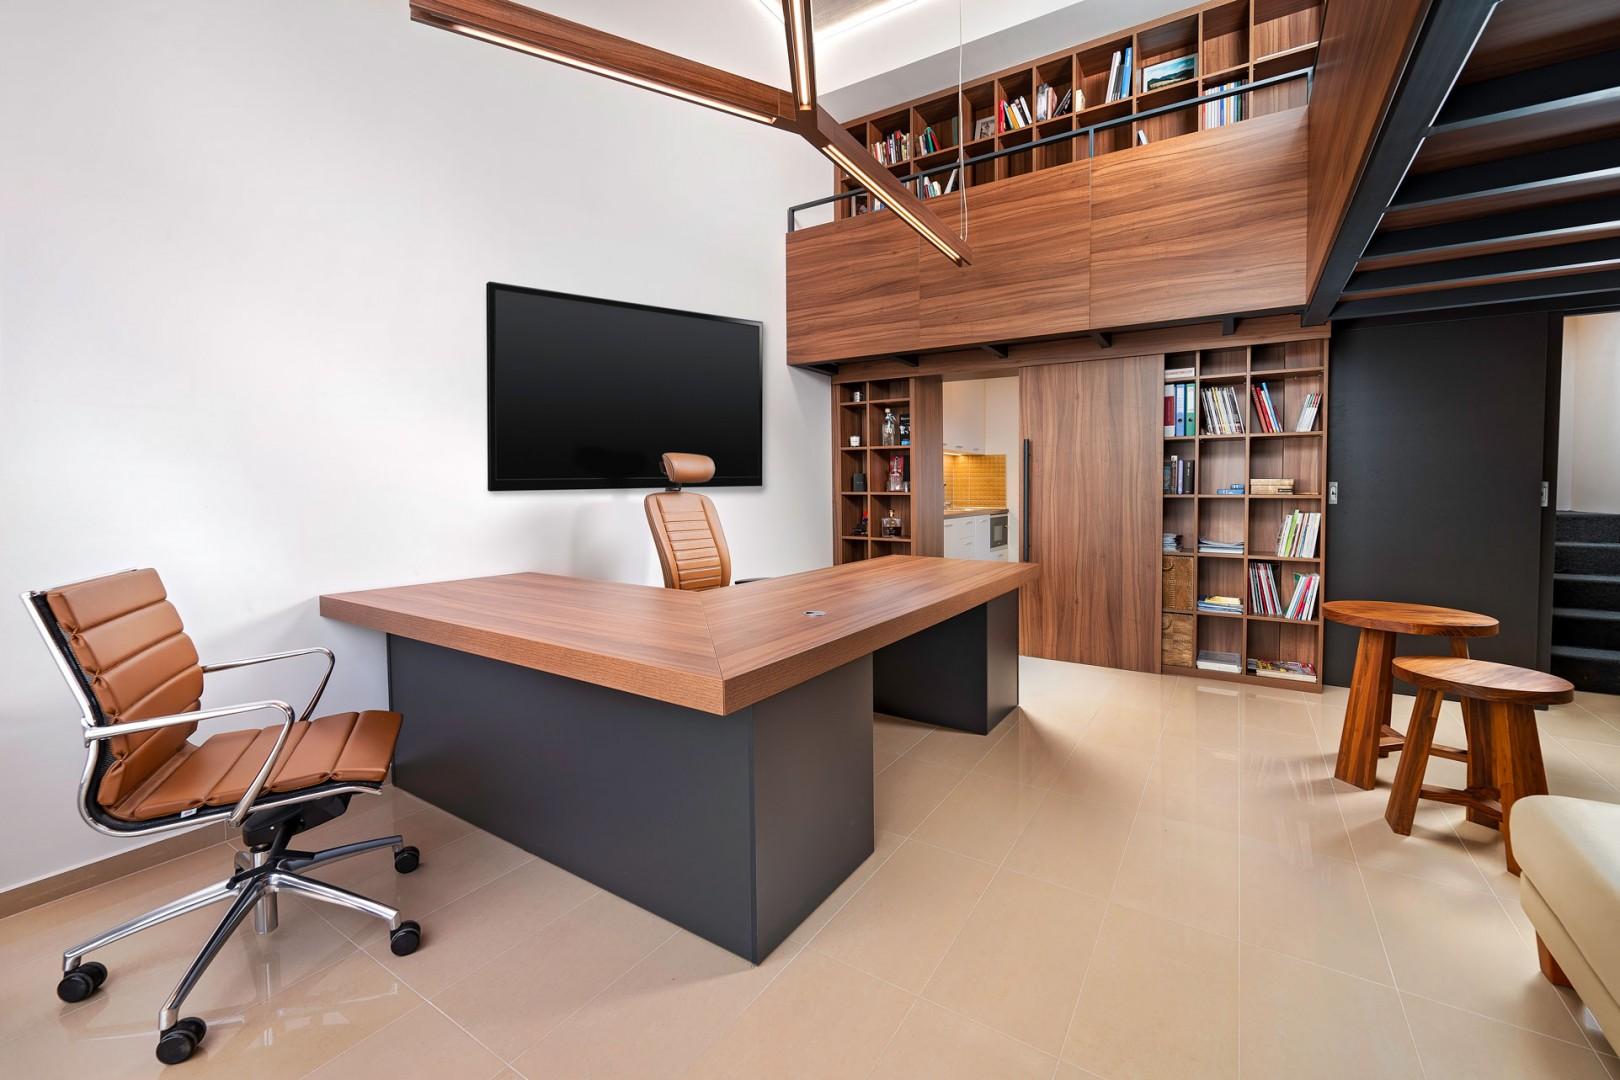 Návrh a realizácia interiéru - reprezentatívna loftová kancelária